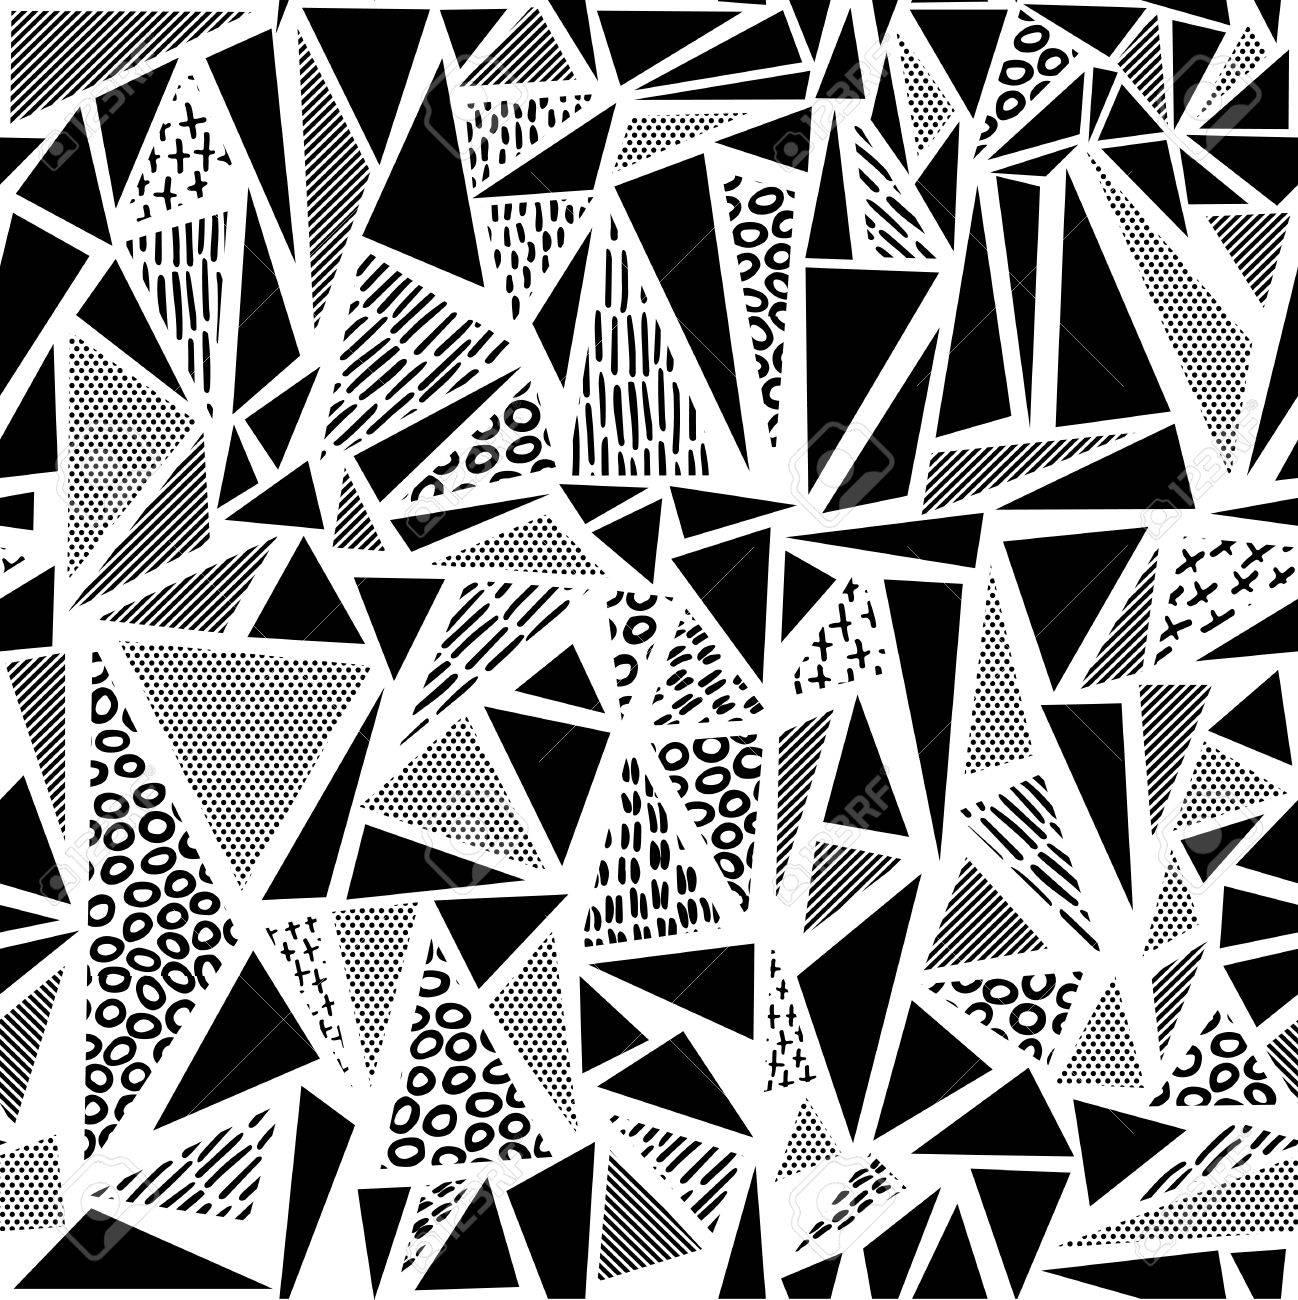 vintage seamless pattern dans un style noir et blanc avec un design en forme de triangle geometrique mode retro des annees 80 memphis ideal pour le web fond impression ou tissu vecteur